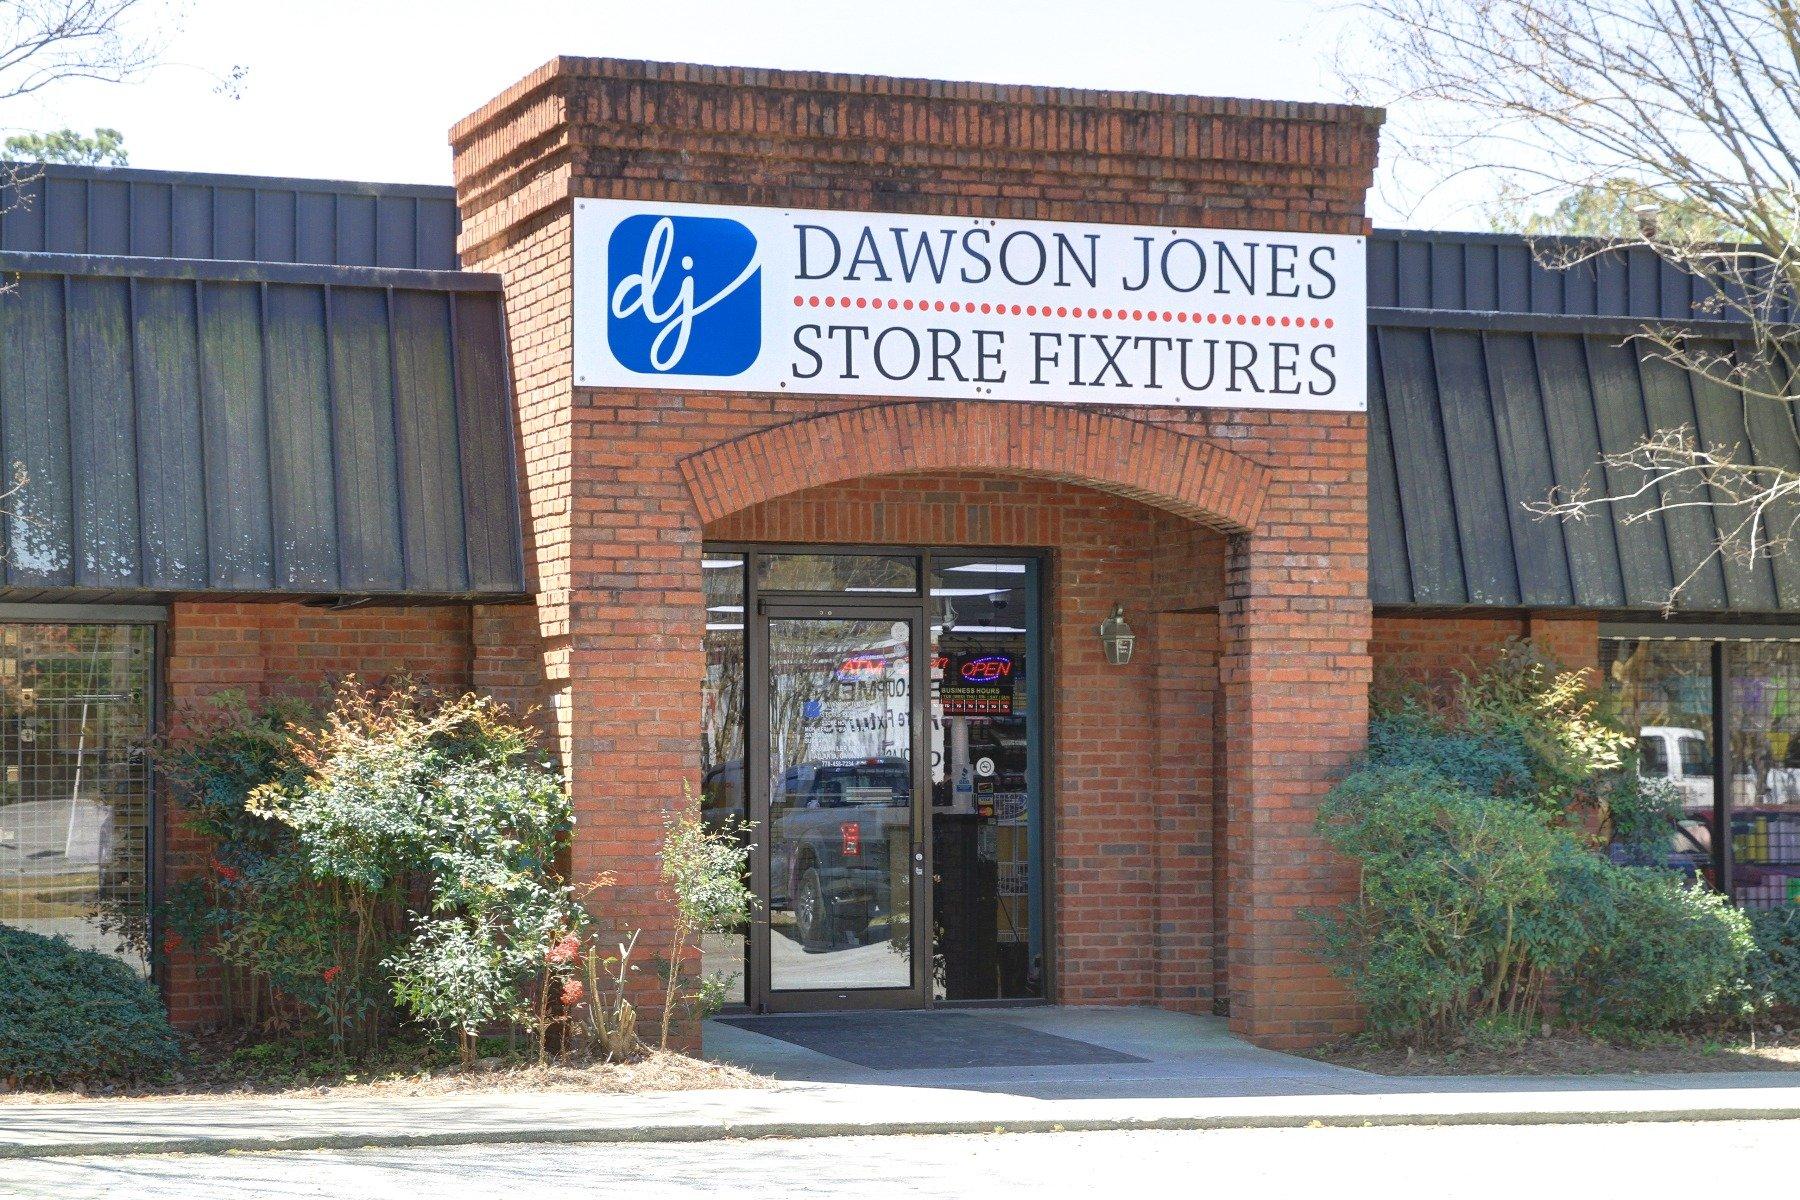 Dawson Jones Building